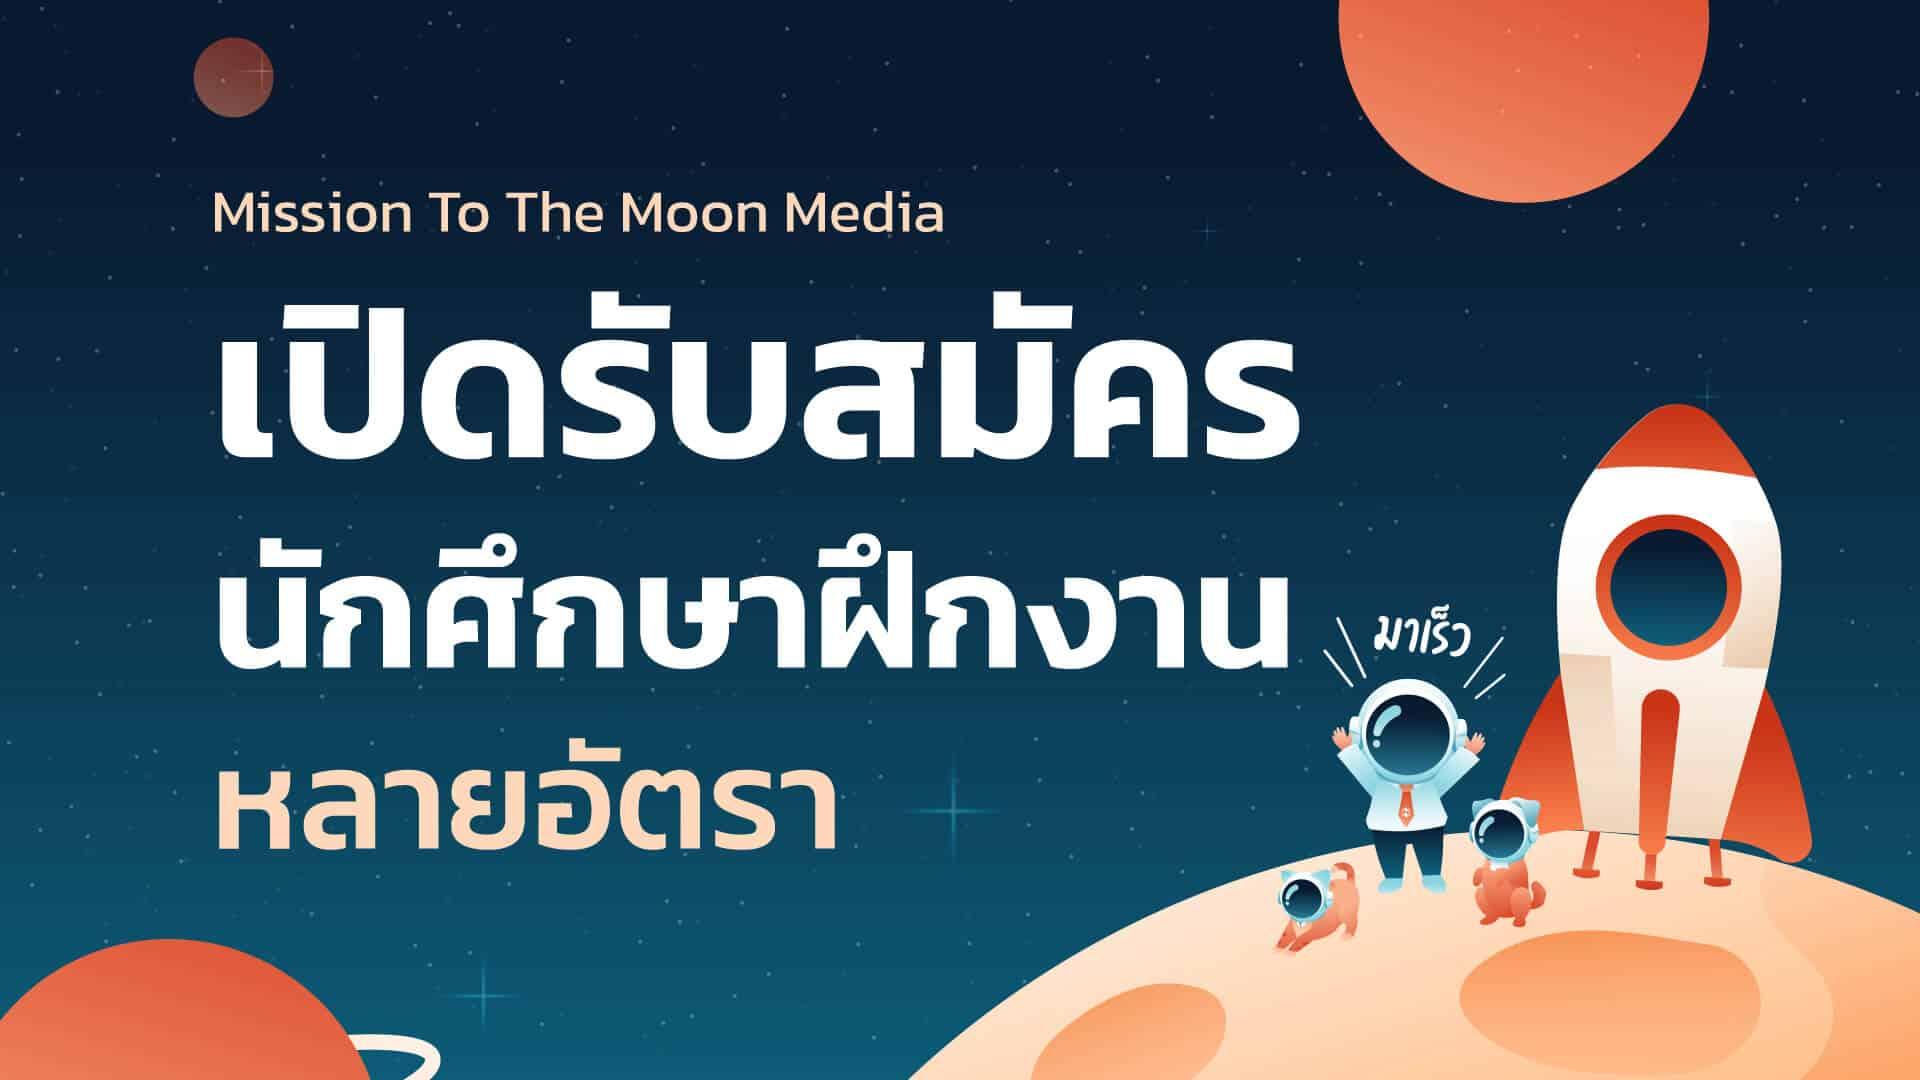 Mission To The Moon Media เปิดรับสมัครนักศึกษาฝึกงานรุ่นที่ 4